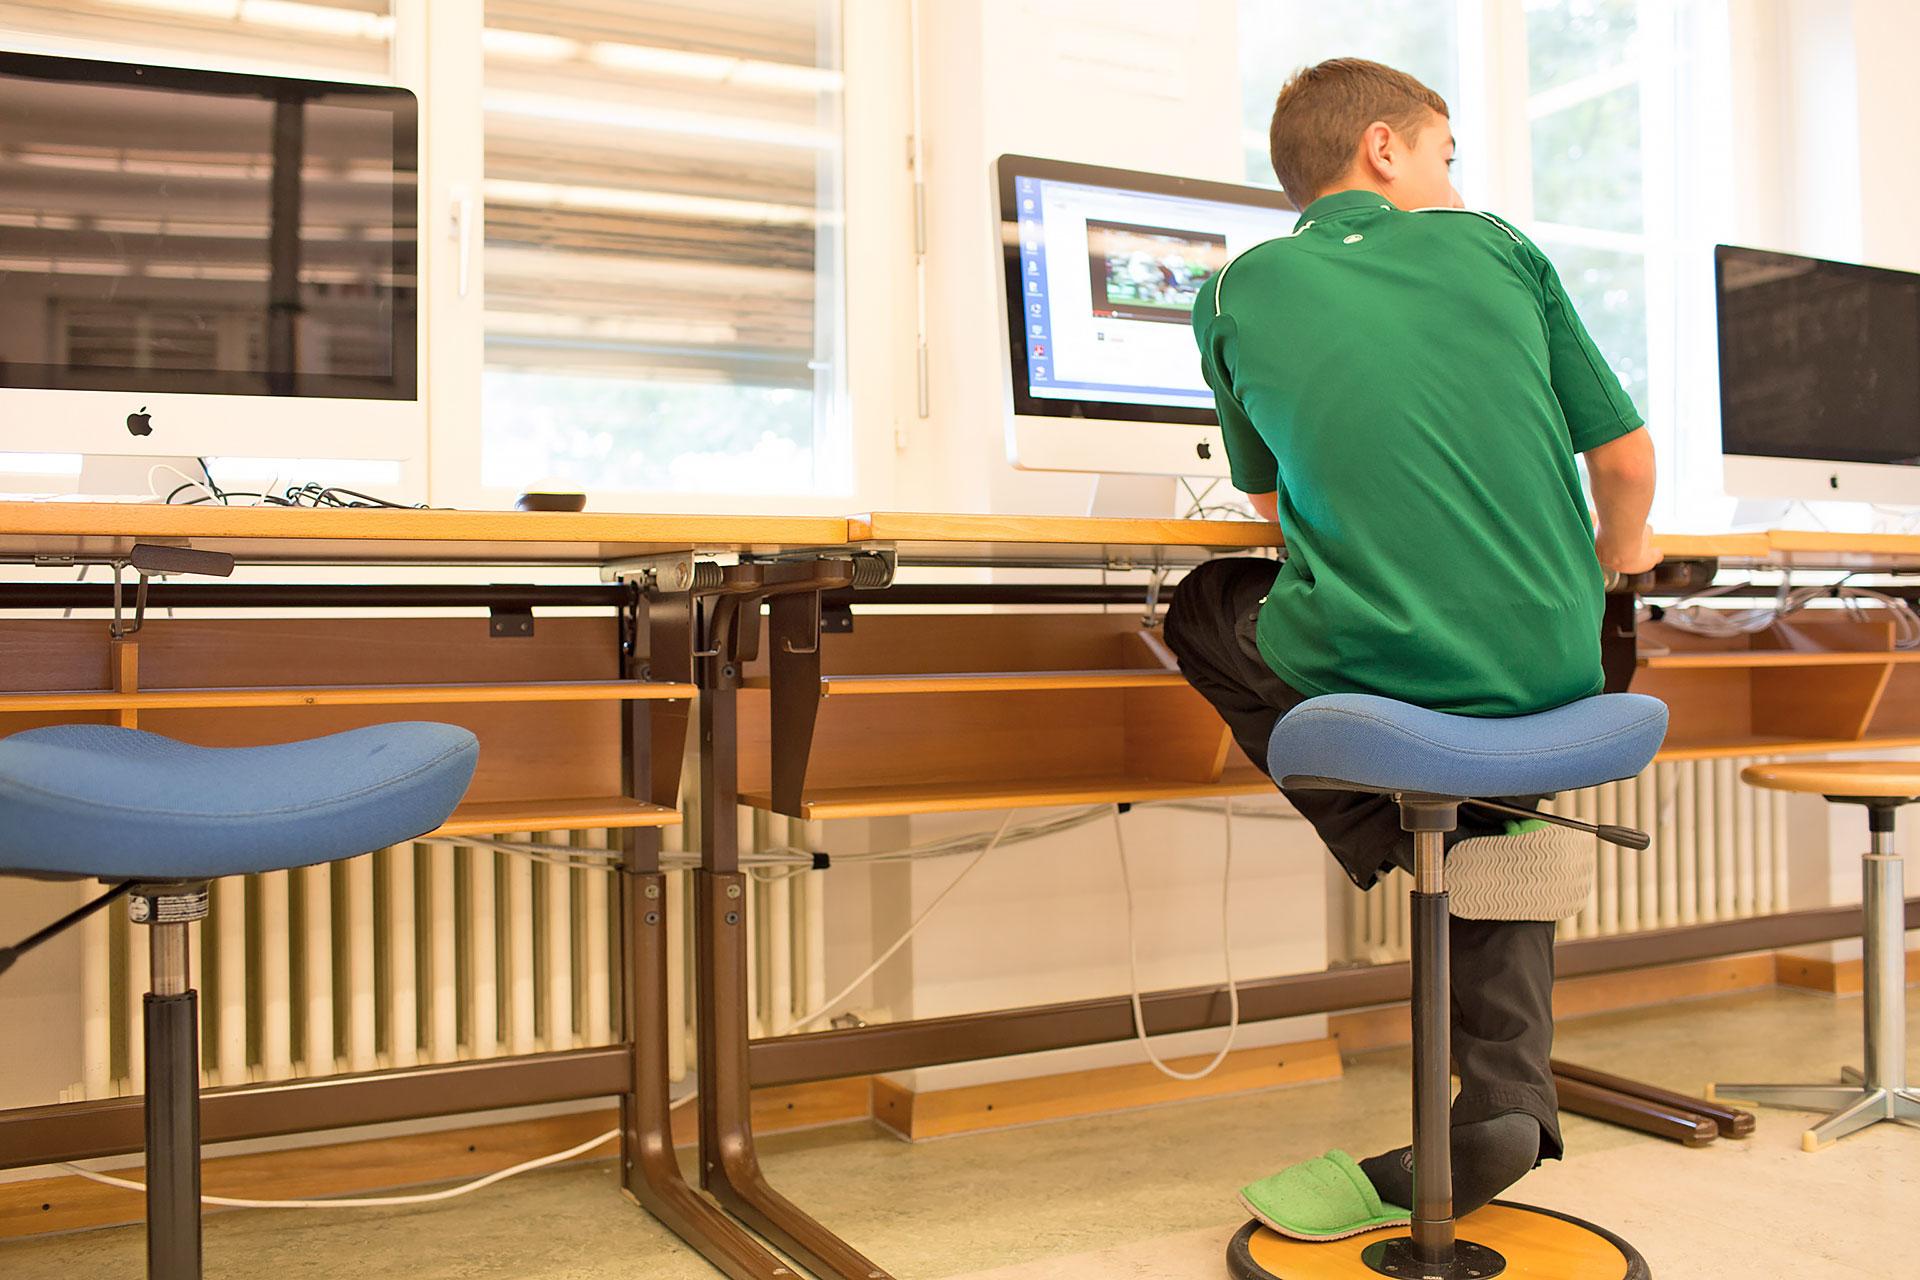 ein Schüler sitzt vor einem Computer im Schulzimmer